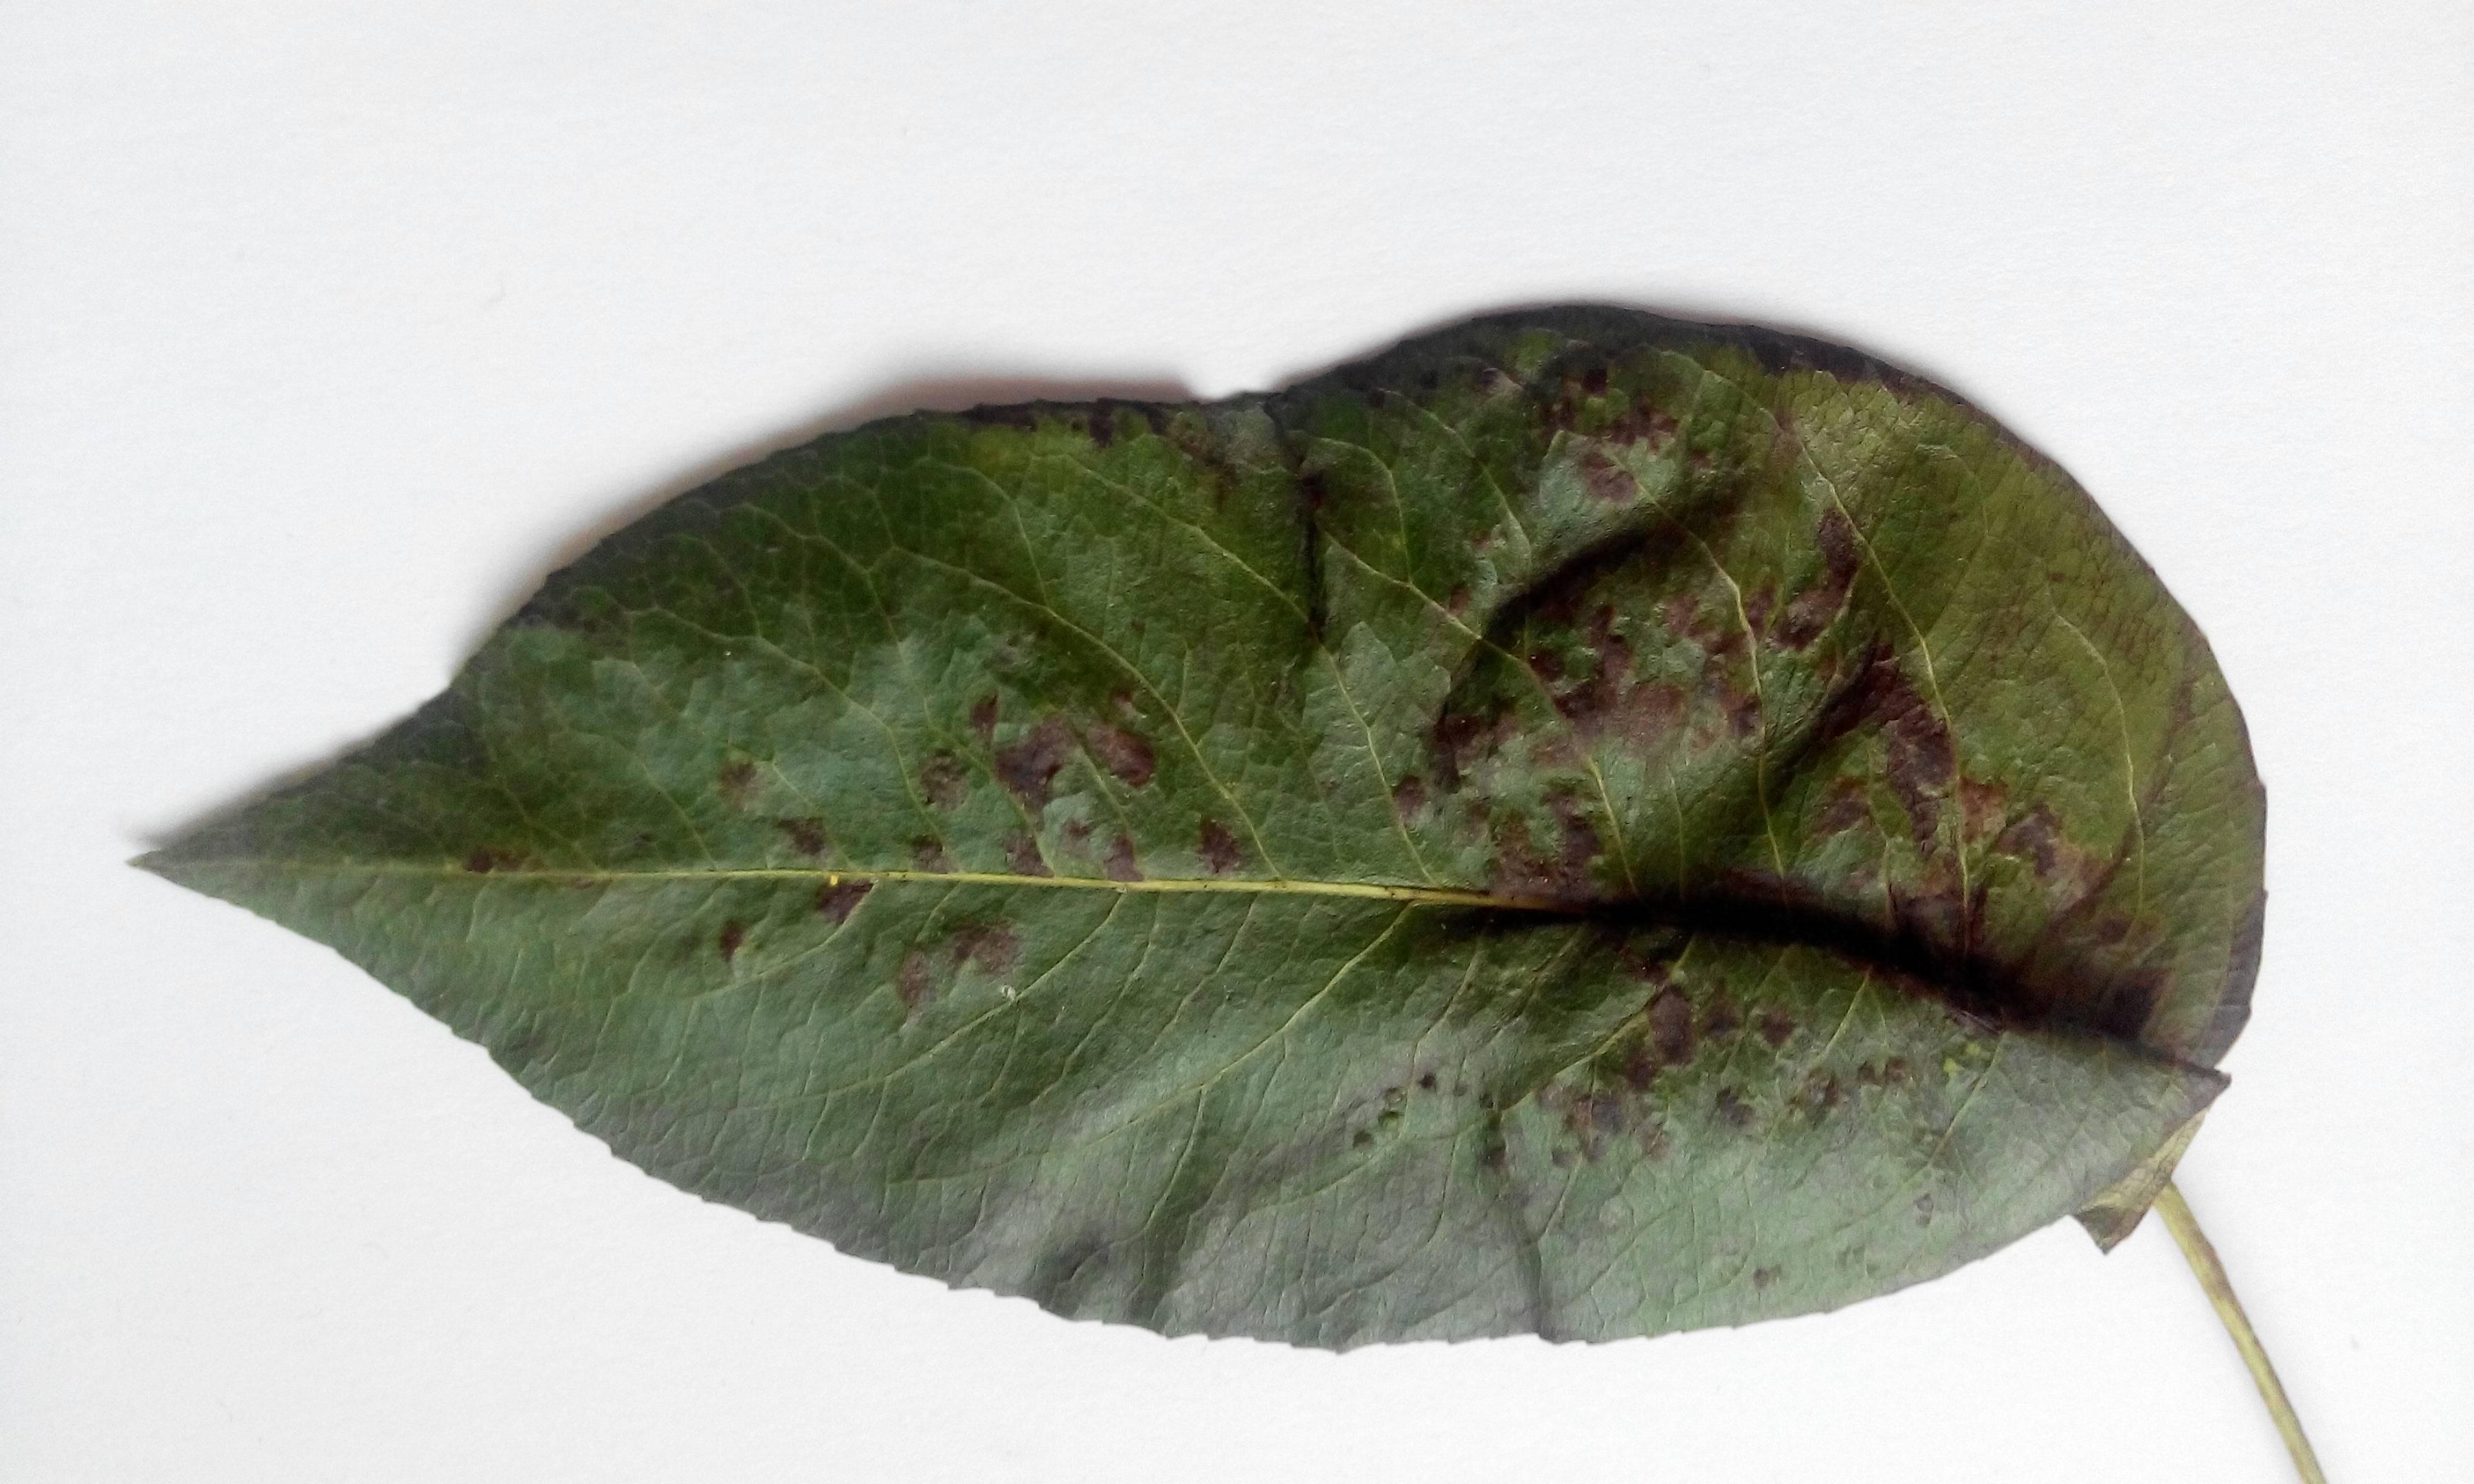 Галловый клещ - меры борьбы на груше, как бороться весной, летом и осенью, средства и методы